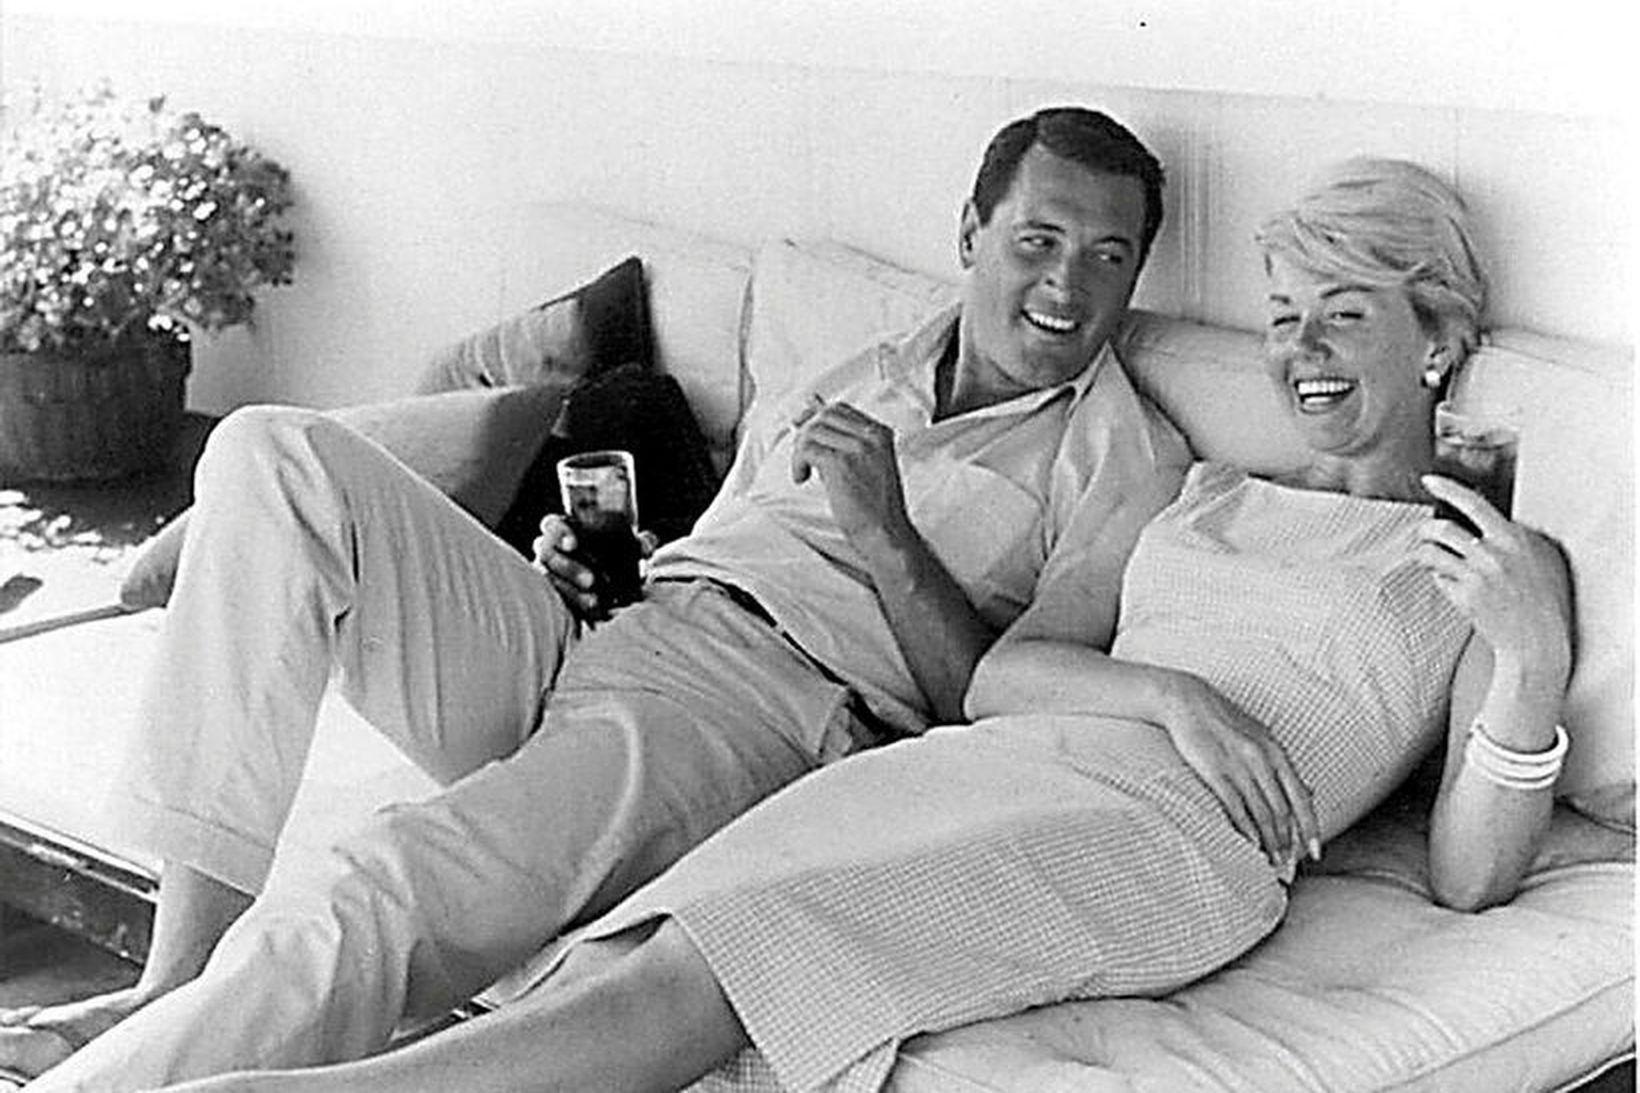 Doris Day með kærum vini sínum, Rock Hudson, á hátindi …